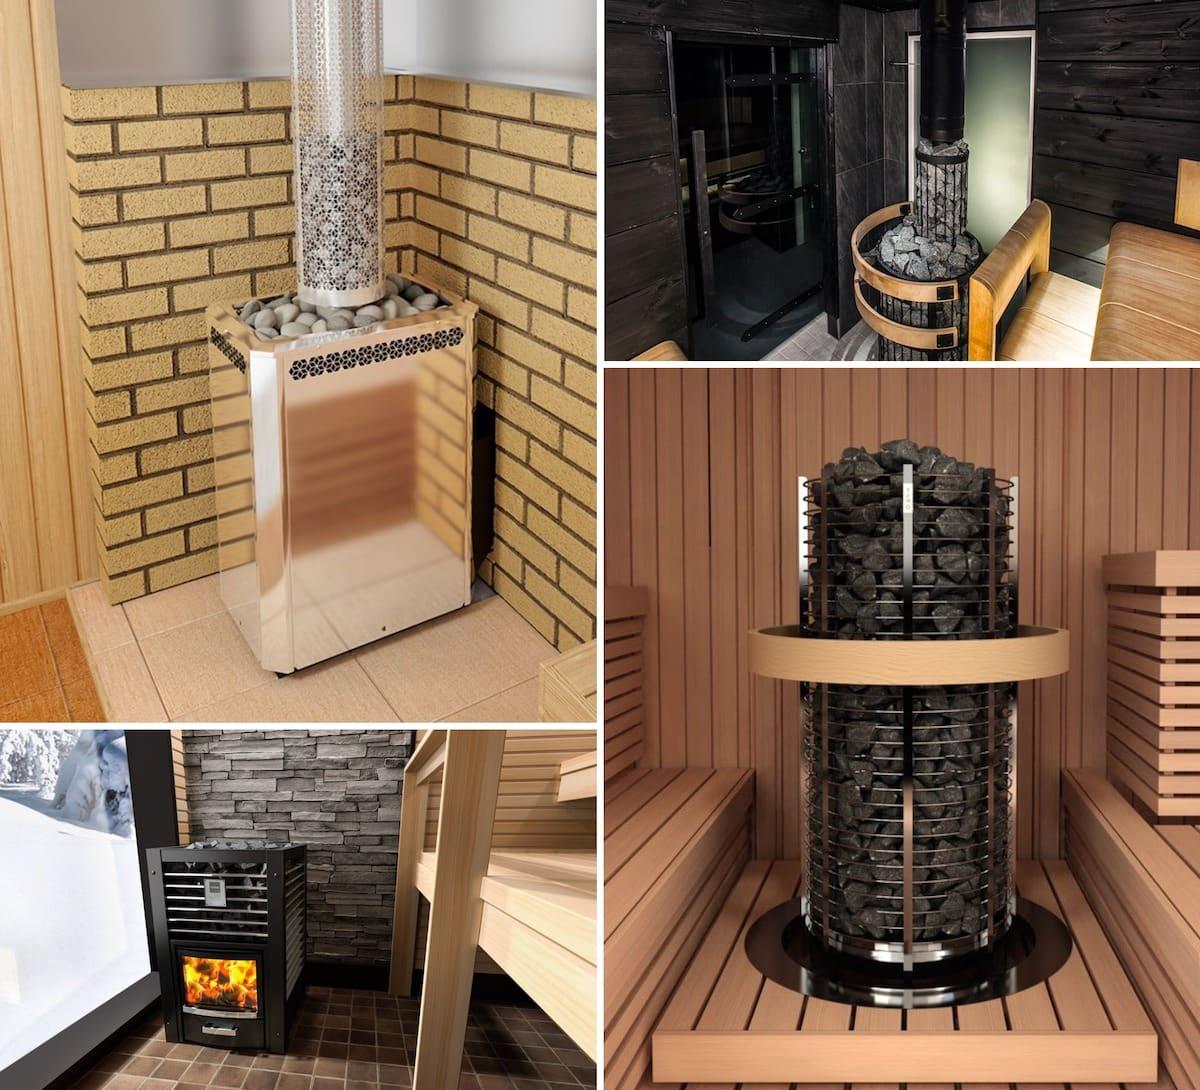 Печь для бани открытого типа подойдет любителям высоких температур в парилке при малой влажности